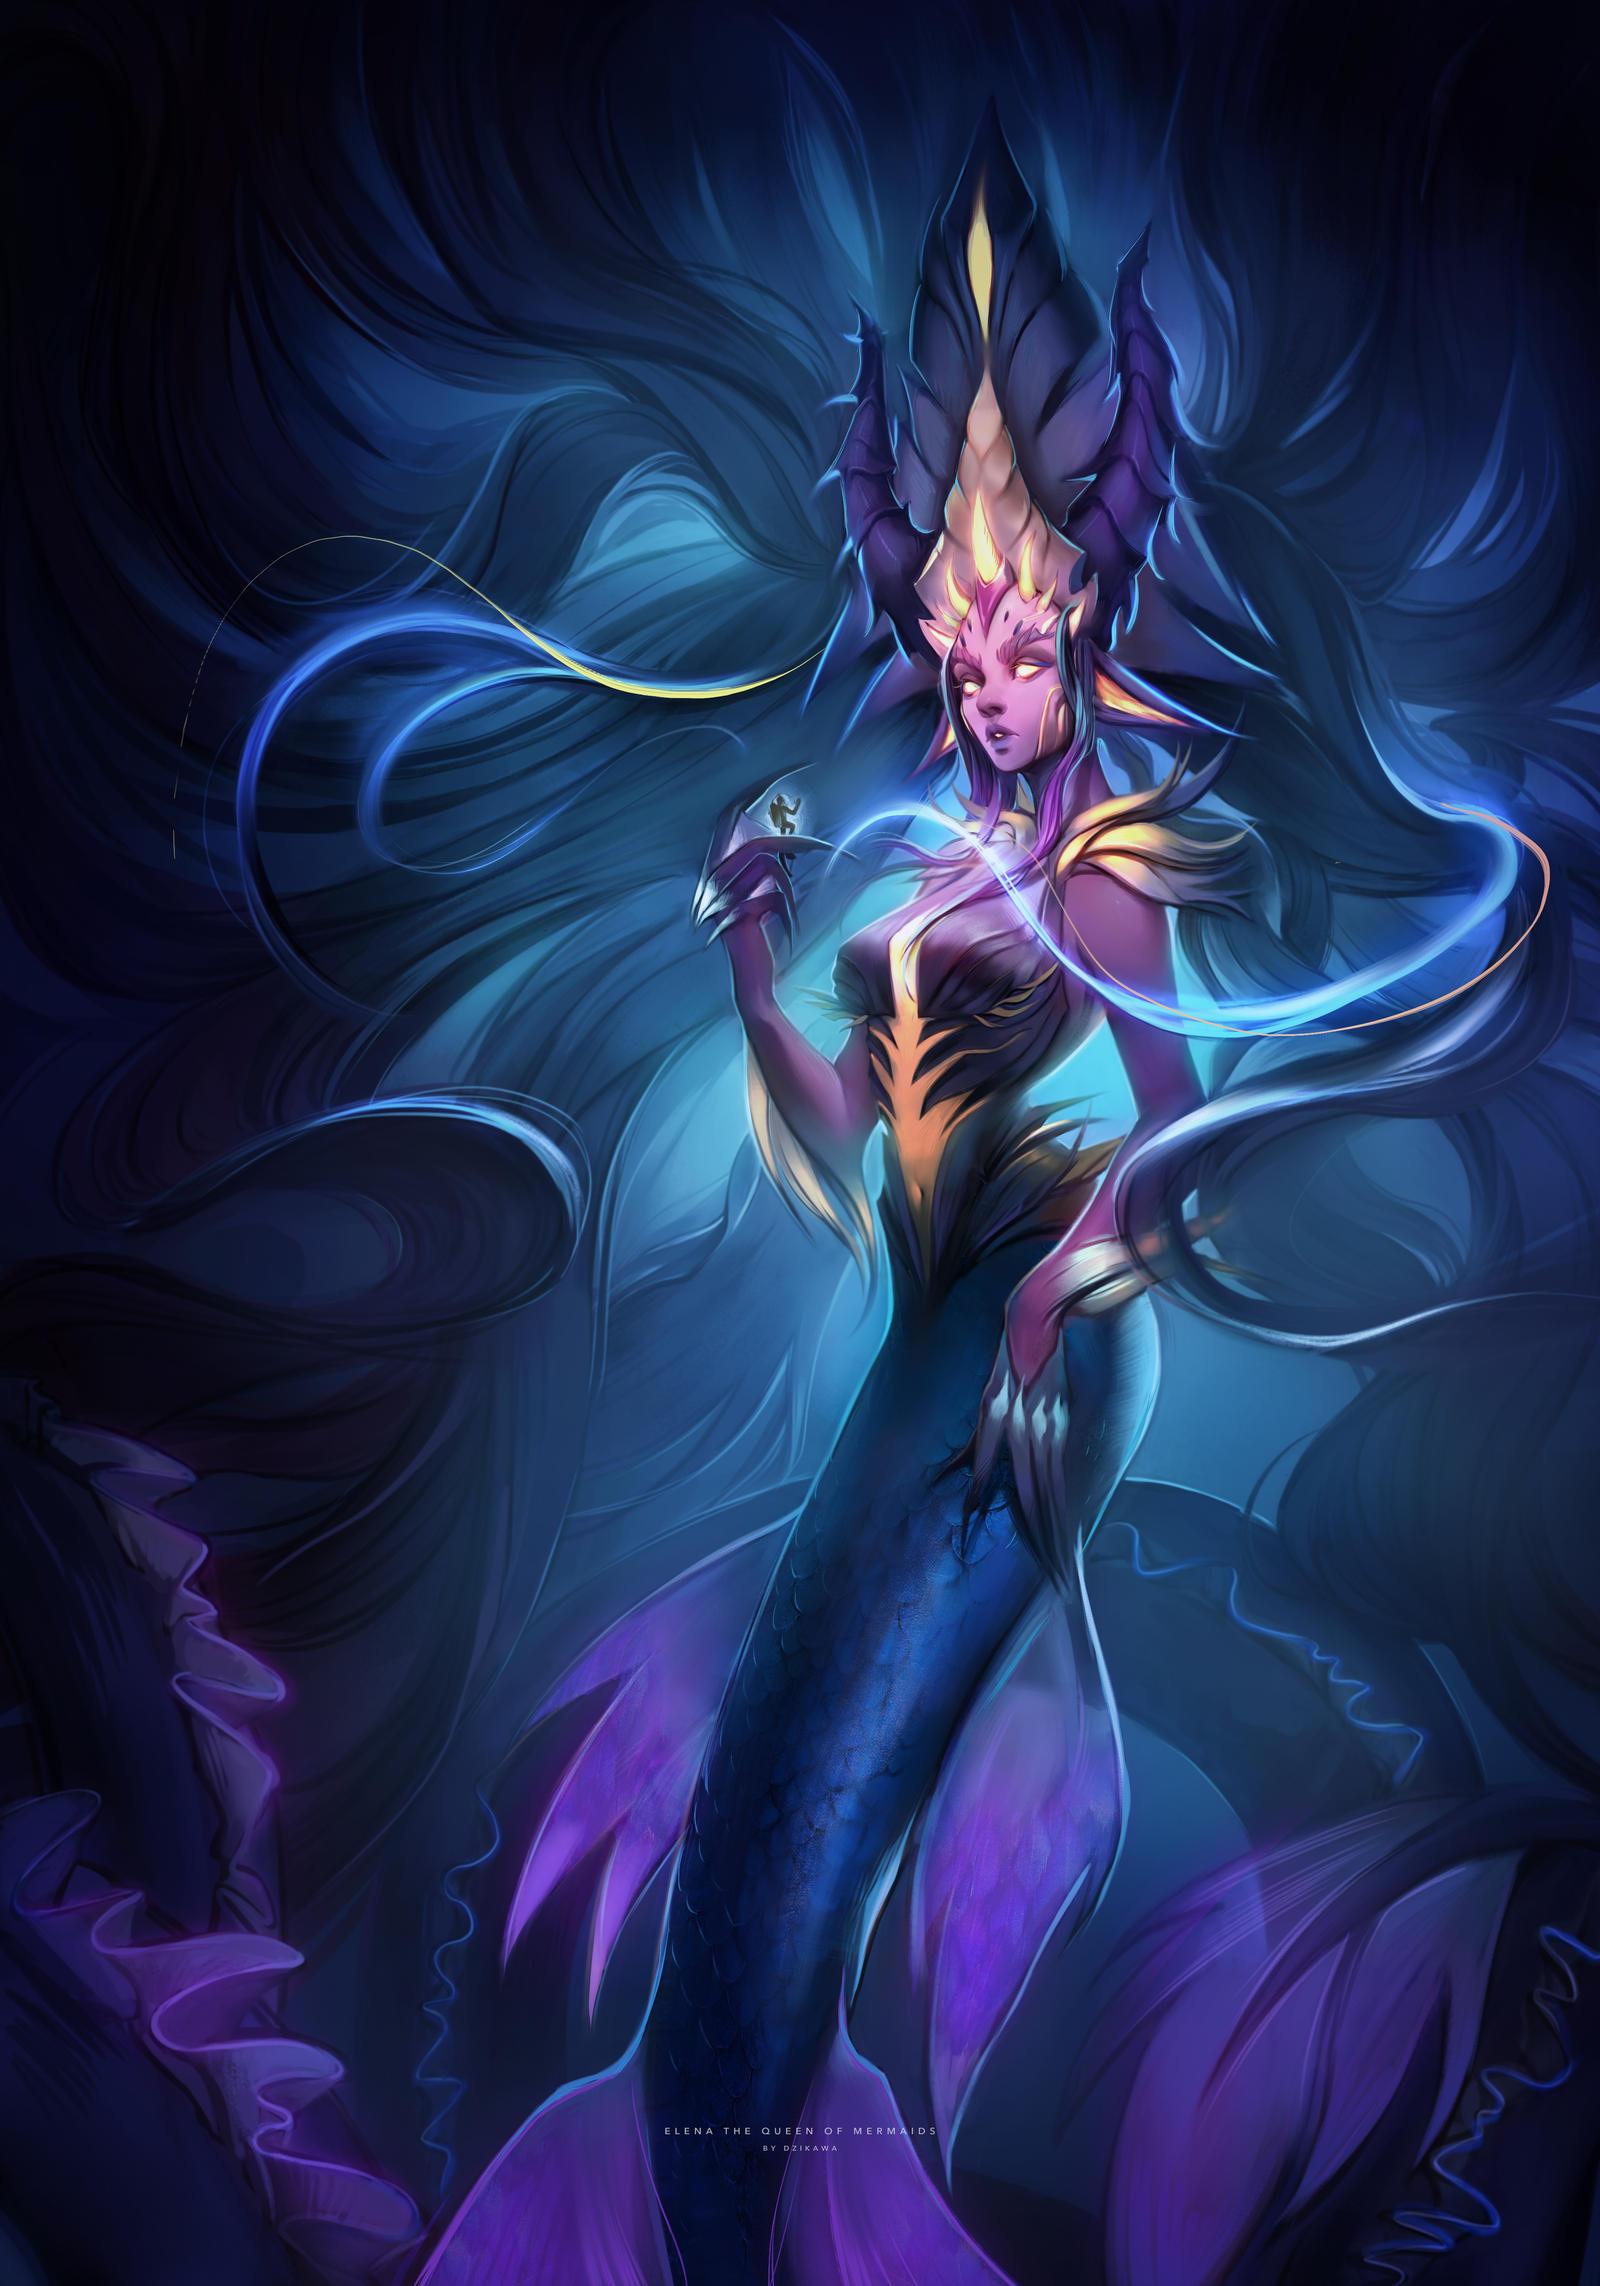 Elena the Queen of Mermaids